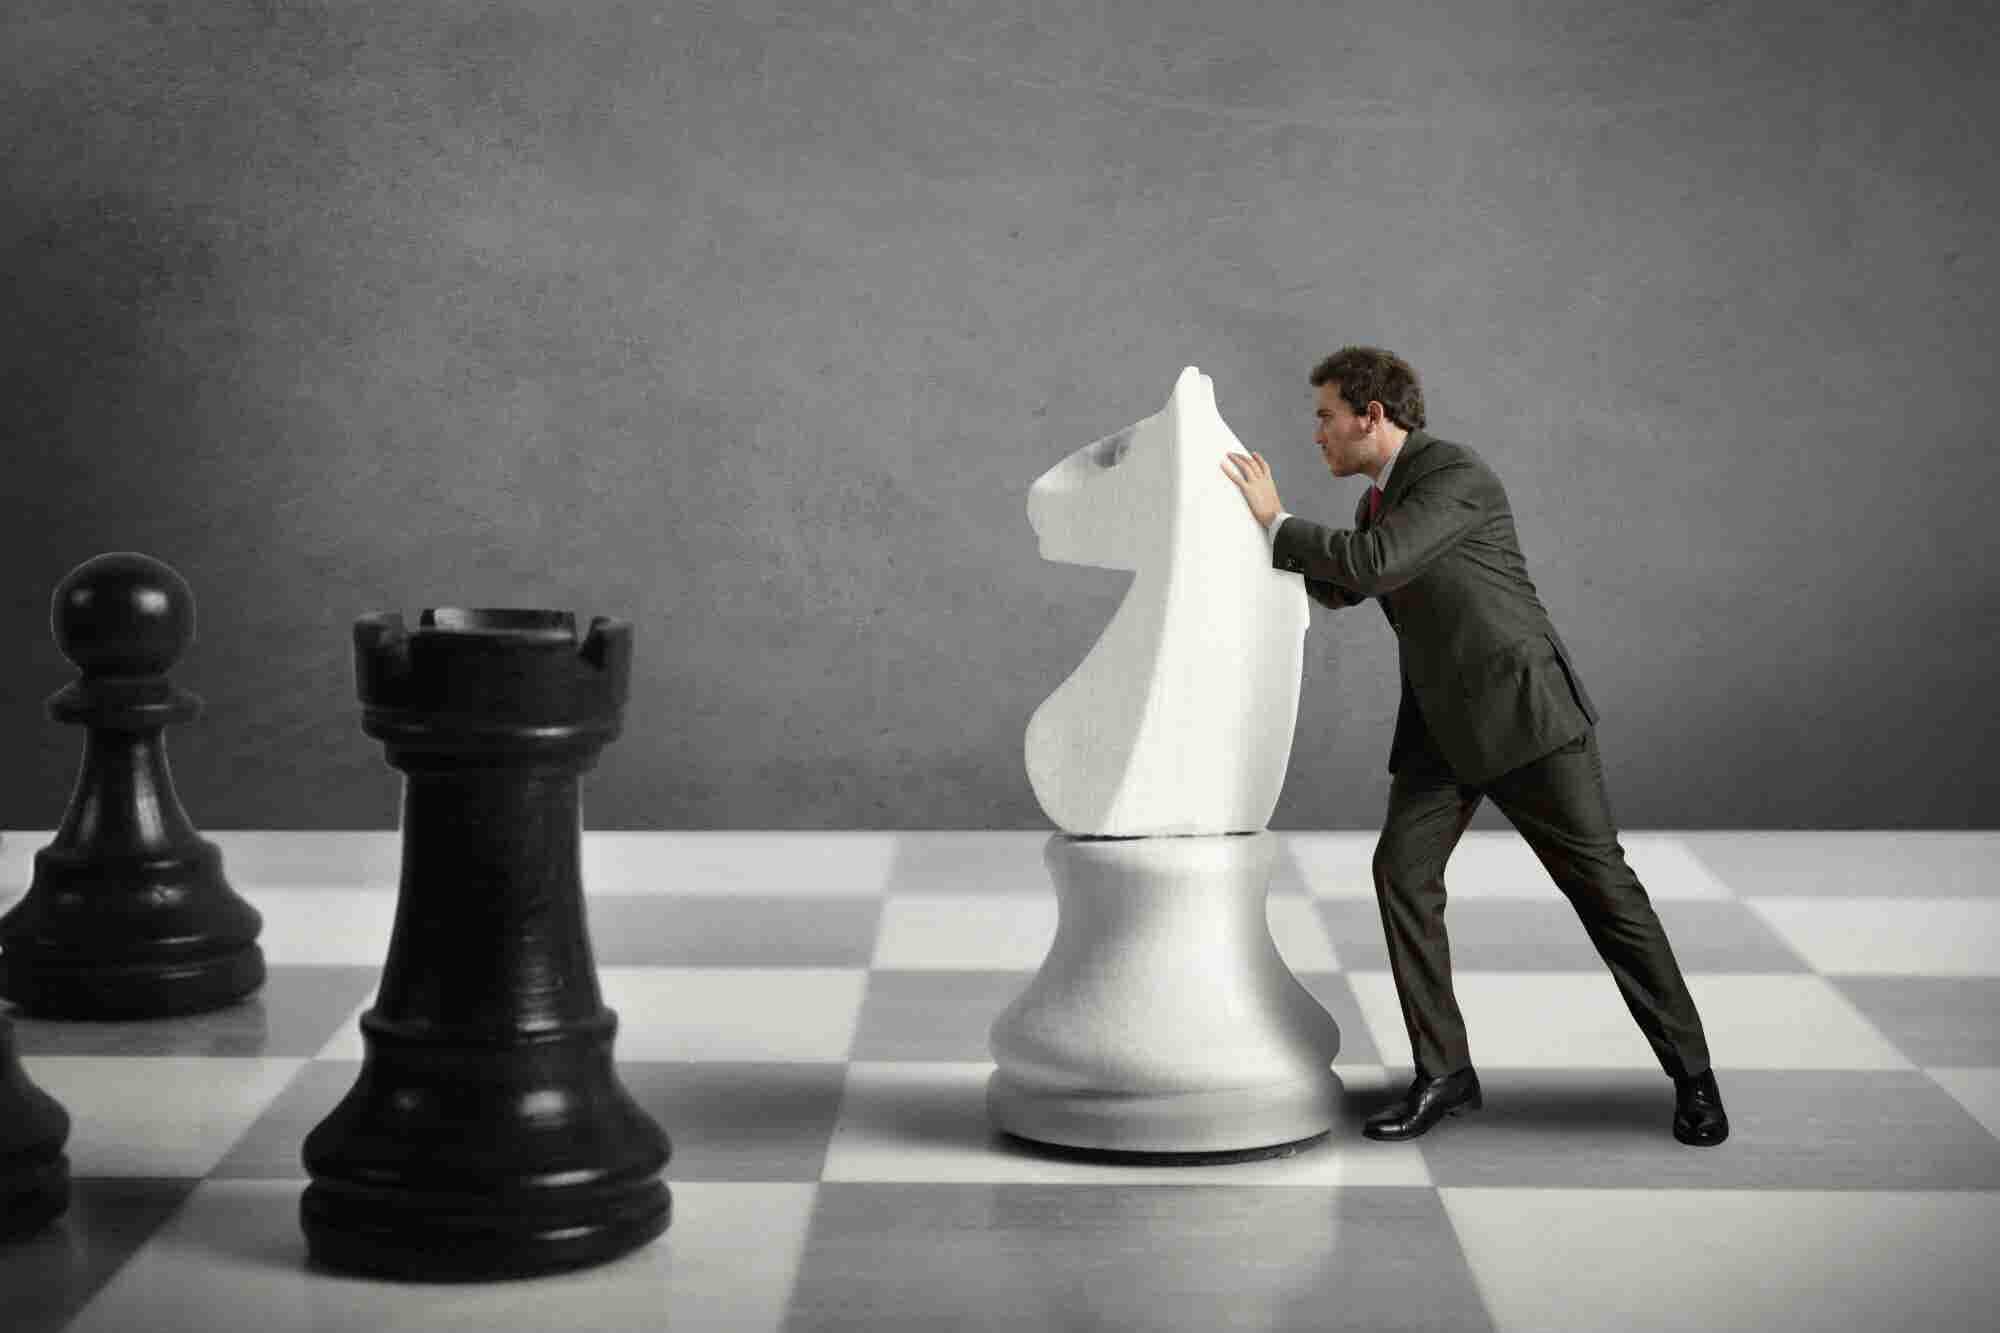 ¿Problemas con tu startup? Resuélvelos rápido con estas tres estrategias